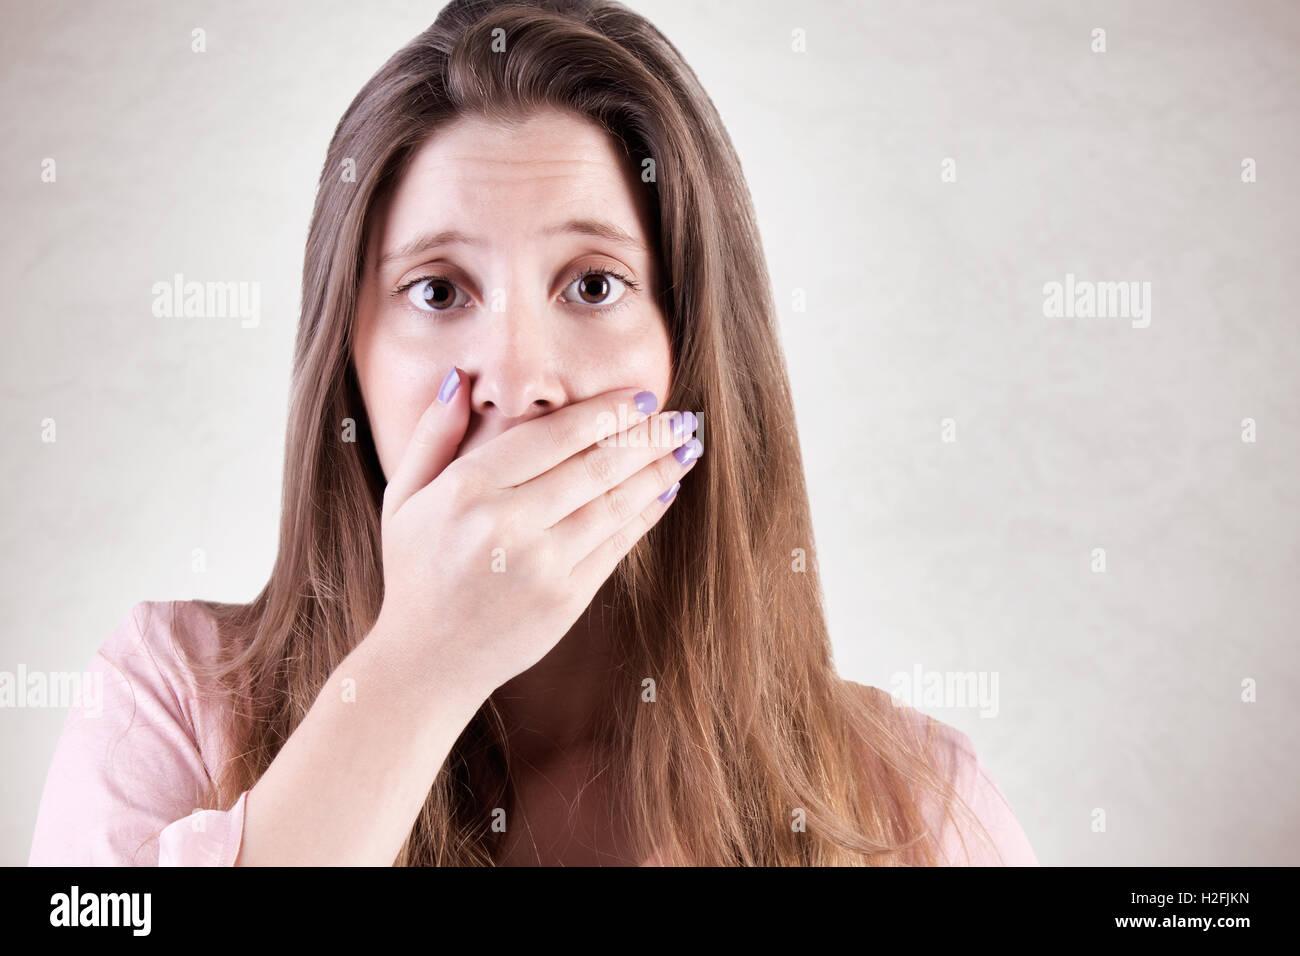 Libre d'une femme concernée couvrant sa bouche, isolé dans une humeur sombre gris Photo Stock